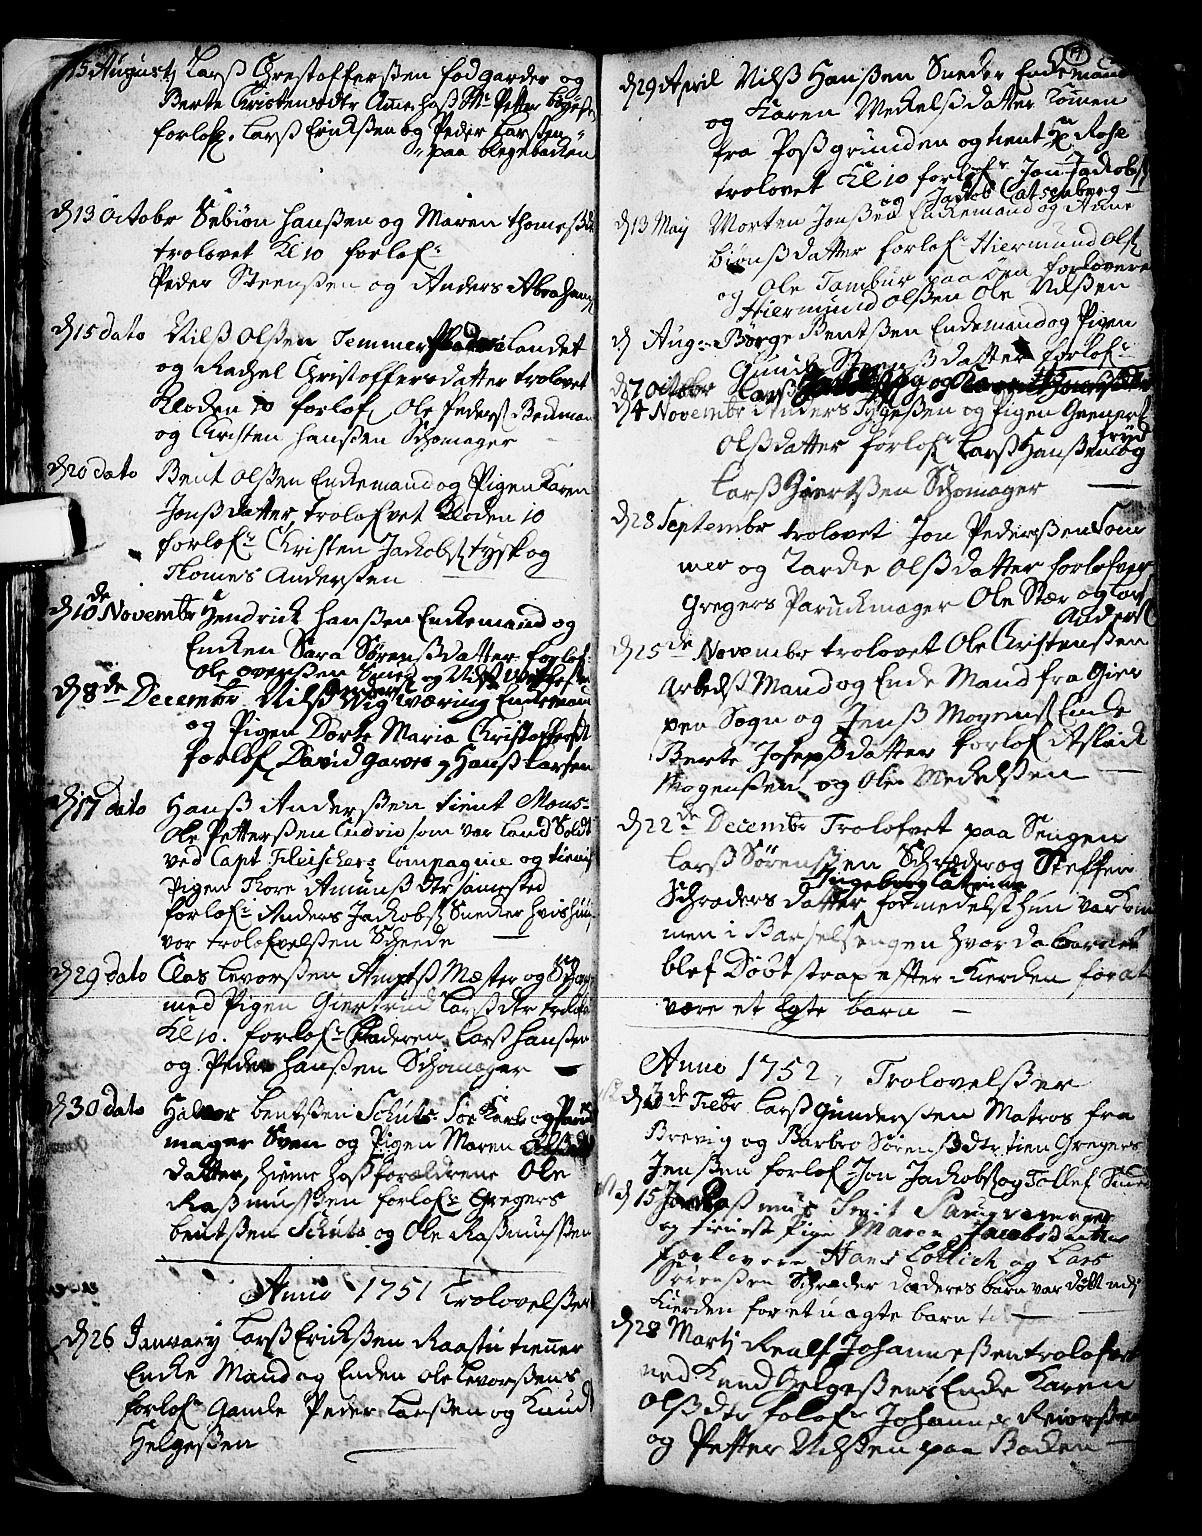 SAKO, Skien kirkebøker, F/Fa/L0002: Ministerialbok nr. 2, 1716-1757, s. 19